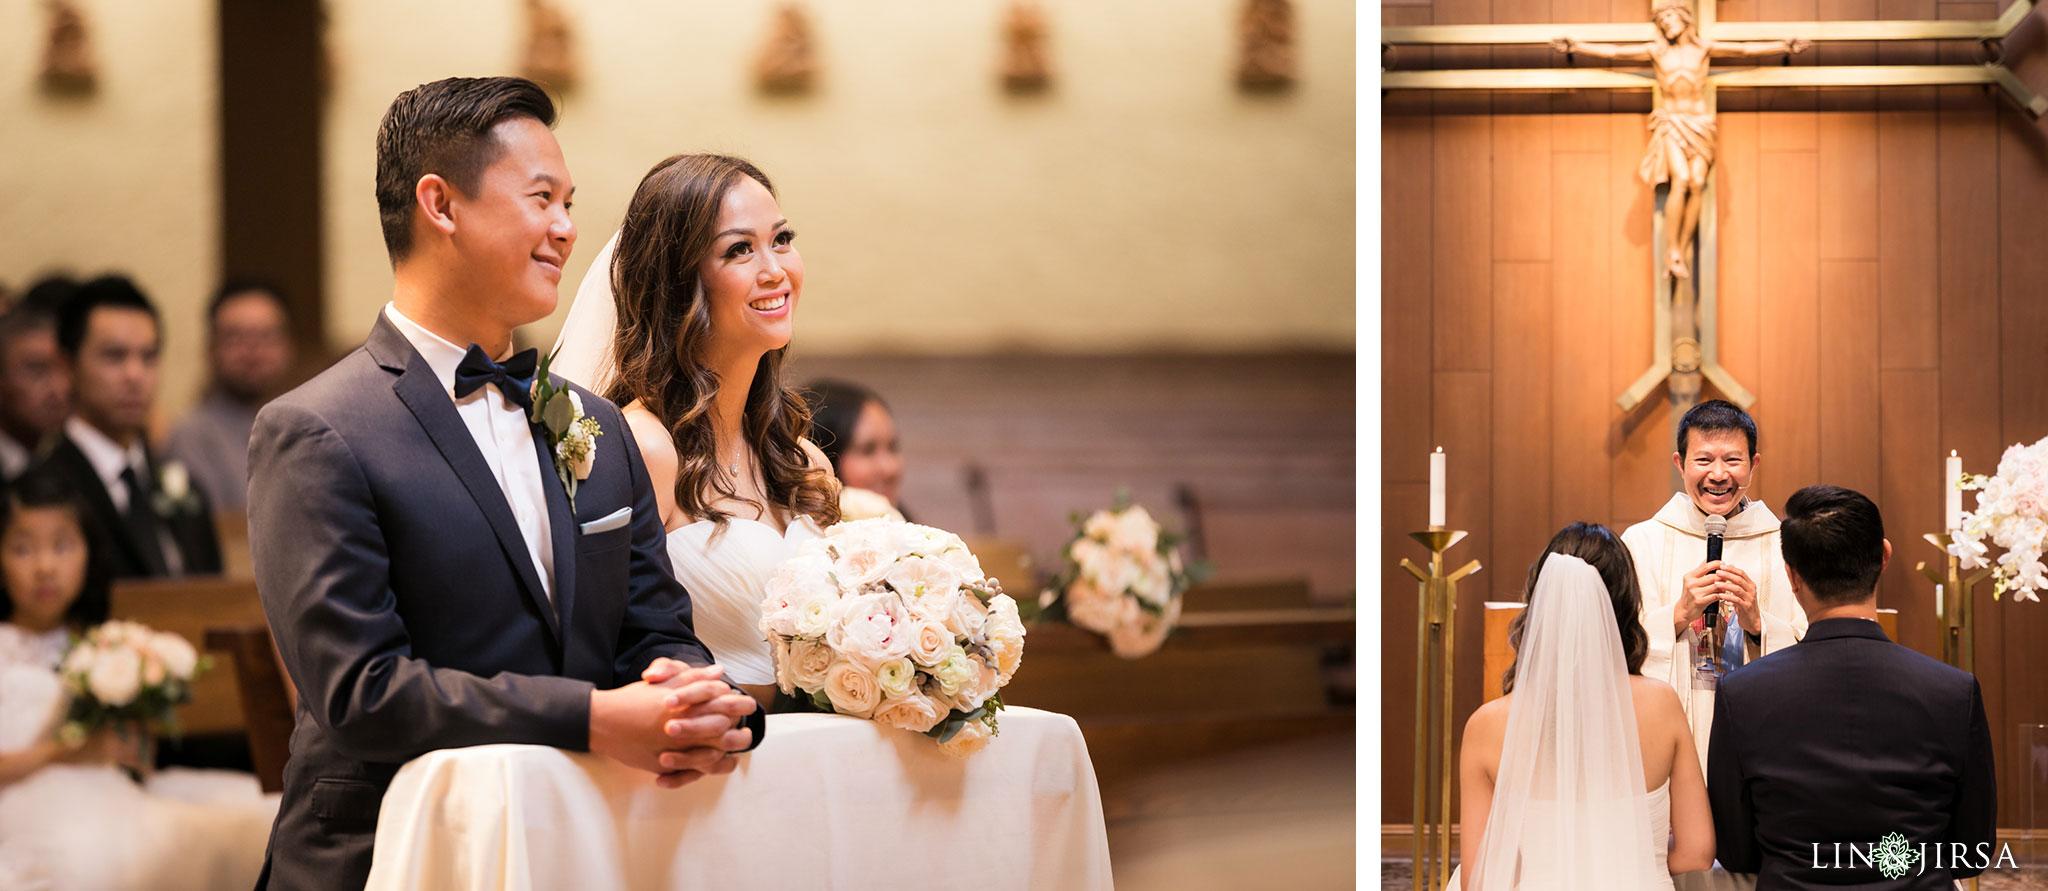 15 orange county wedding ceremony photography